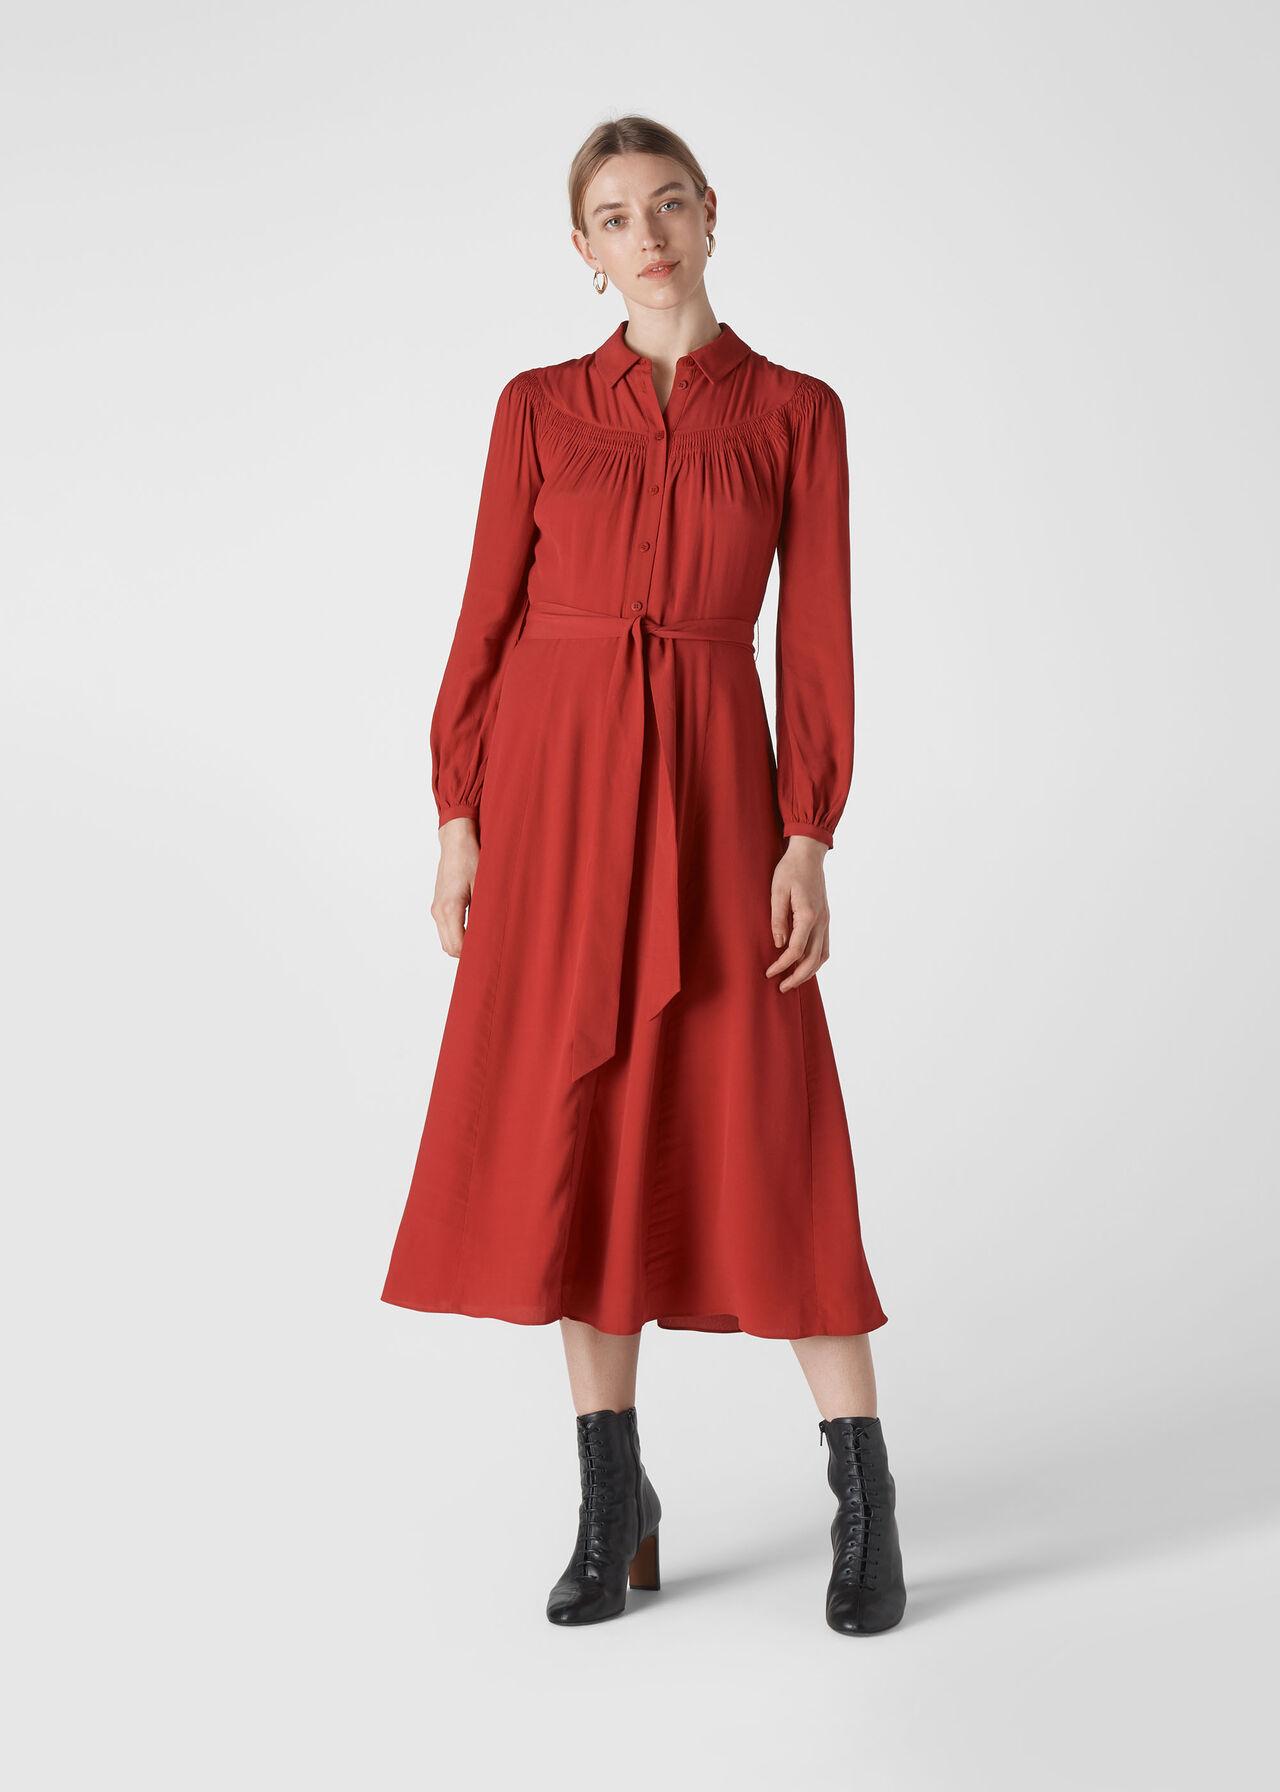 Smocked Yoke Shirt Dress Red